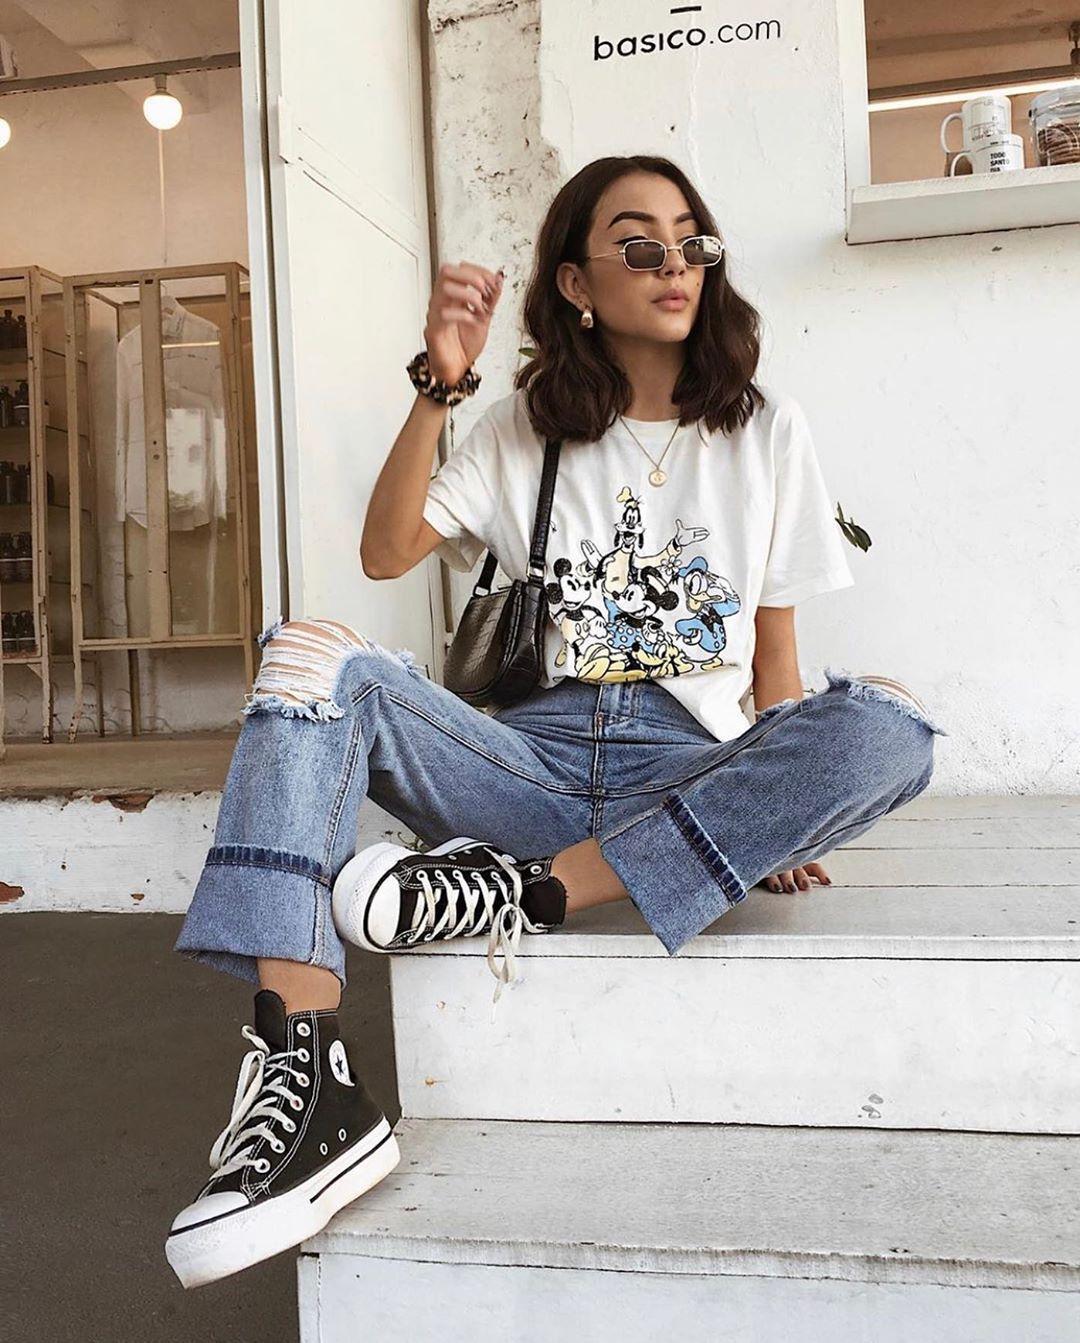 Boneca De Luxo On Instagram Our Girl Evthalia Com Nossa T Shirt